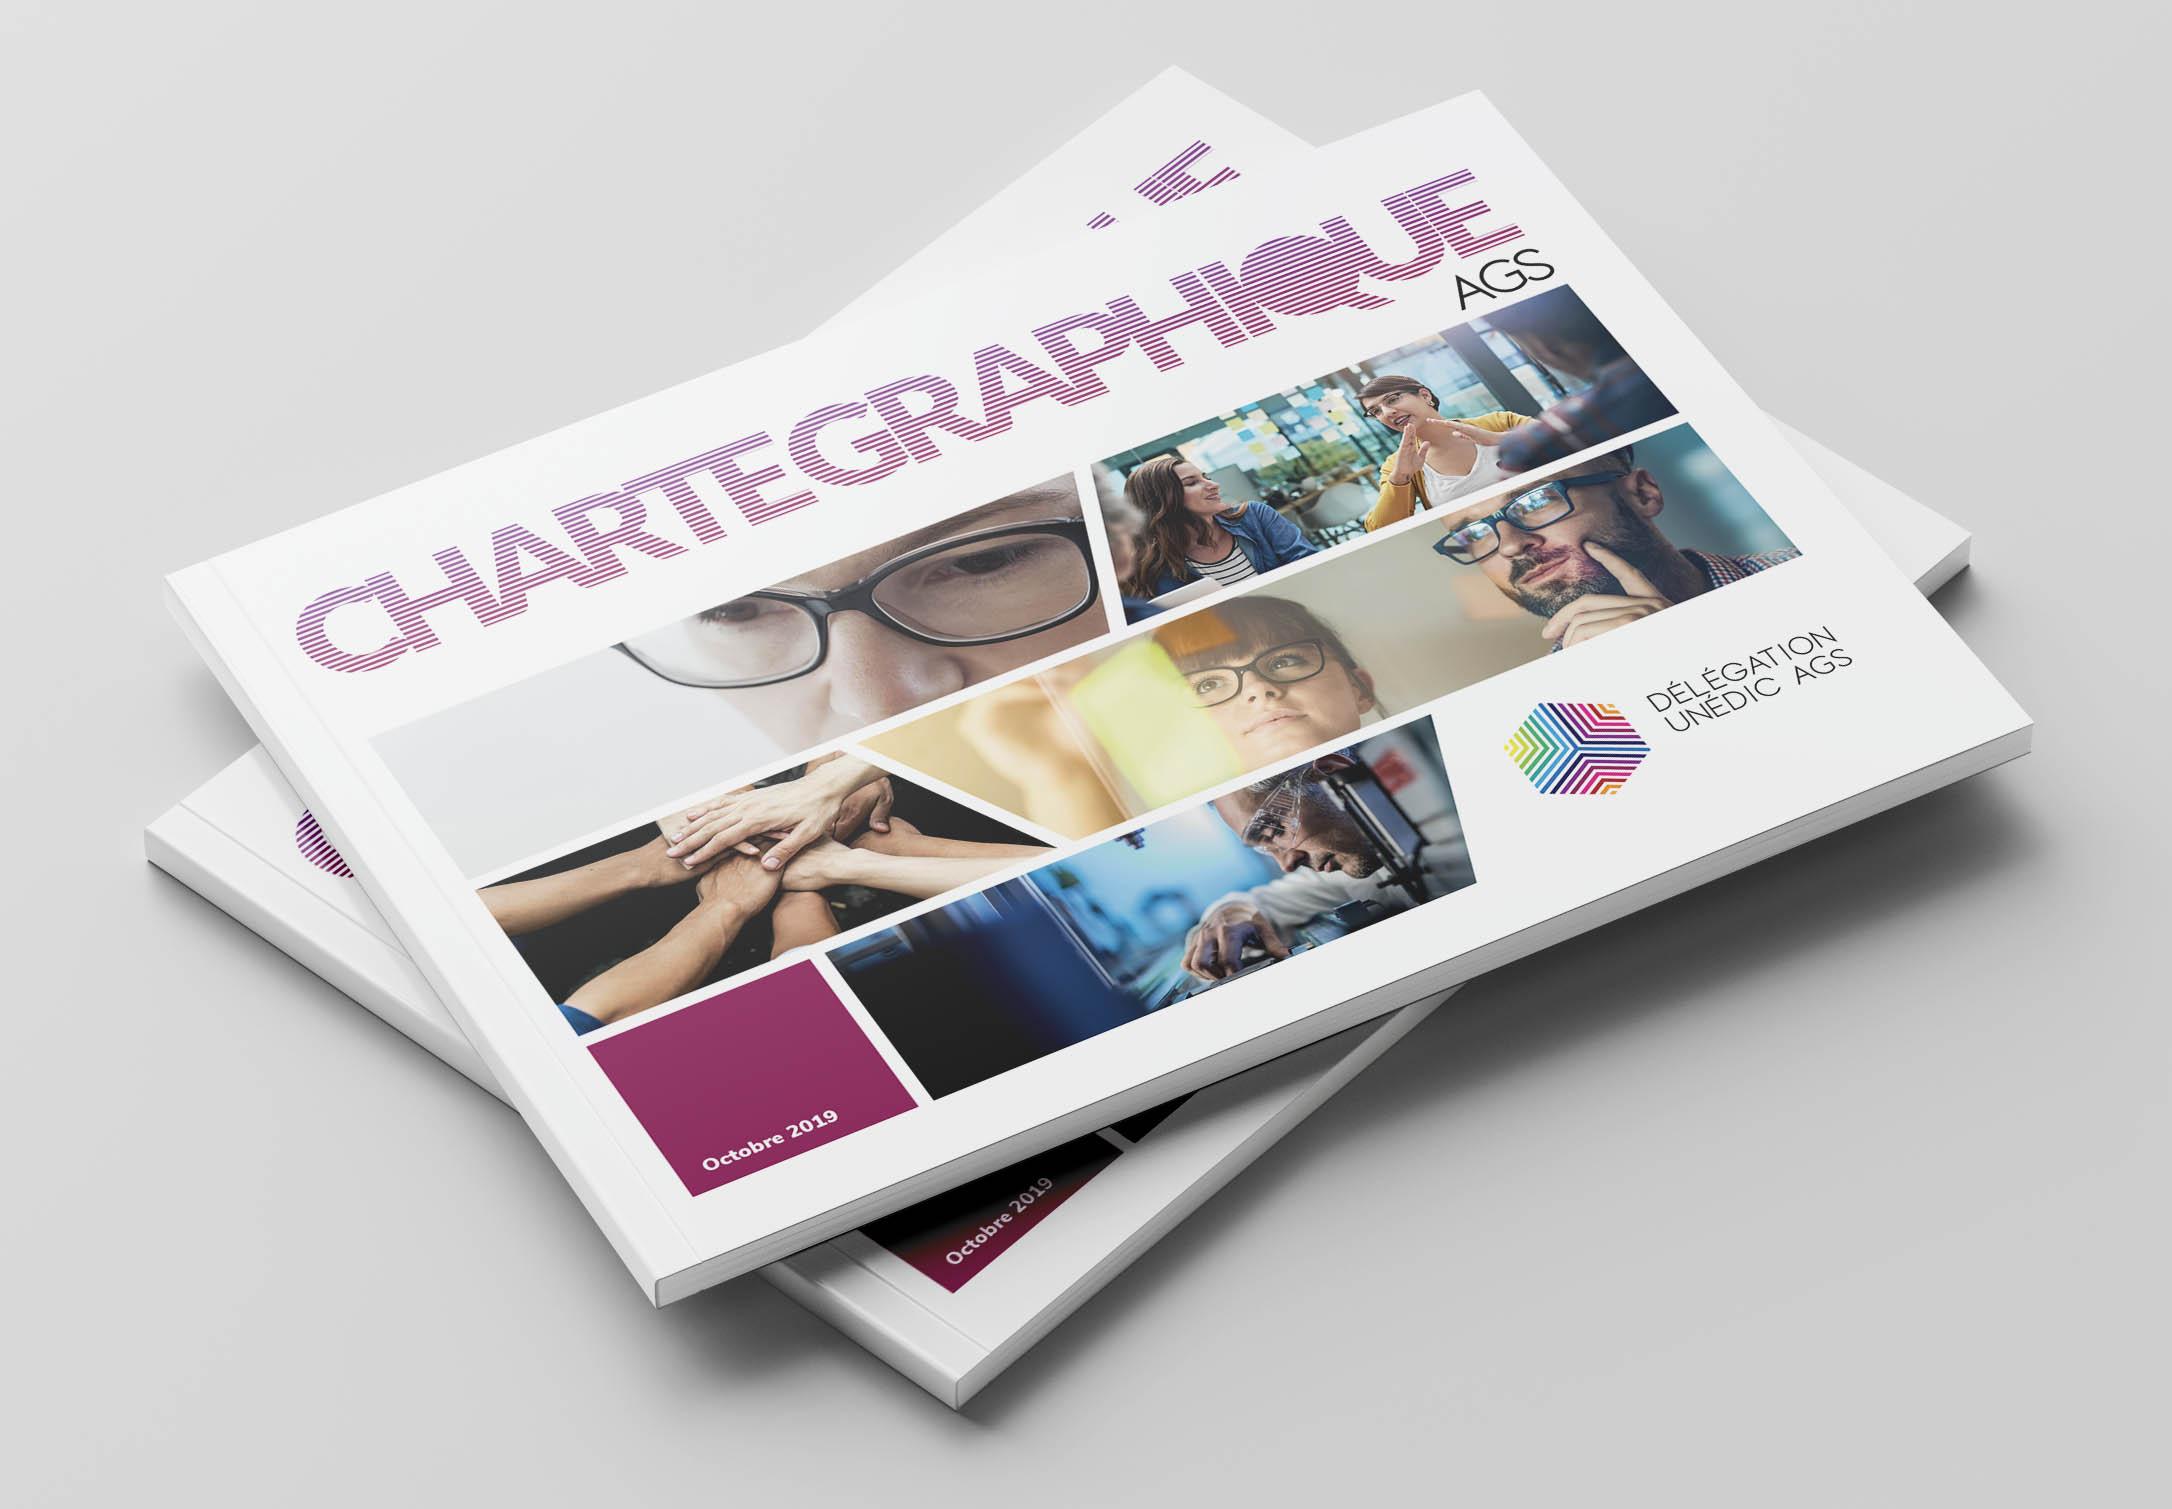 La charte graphique